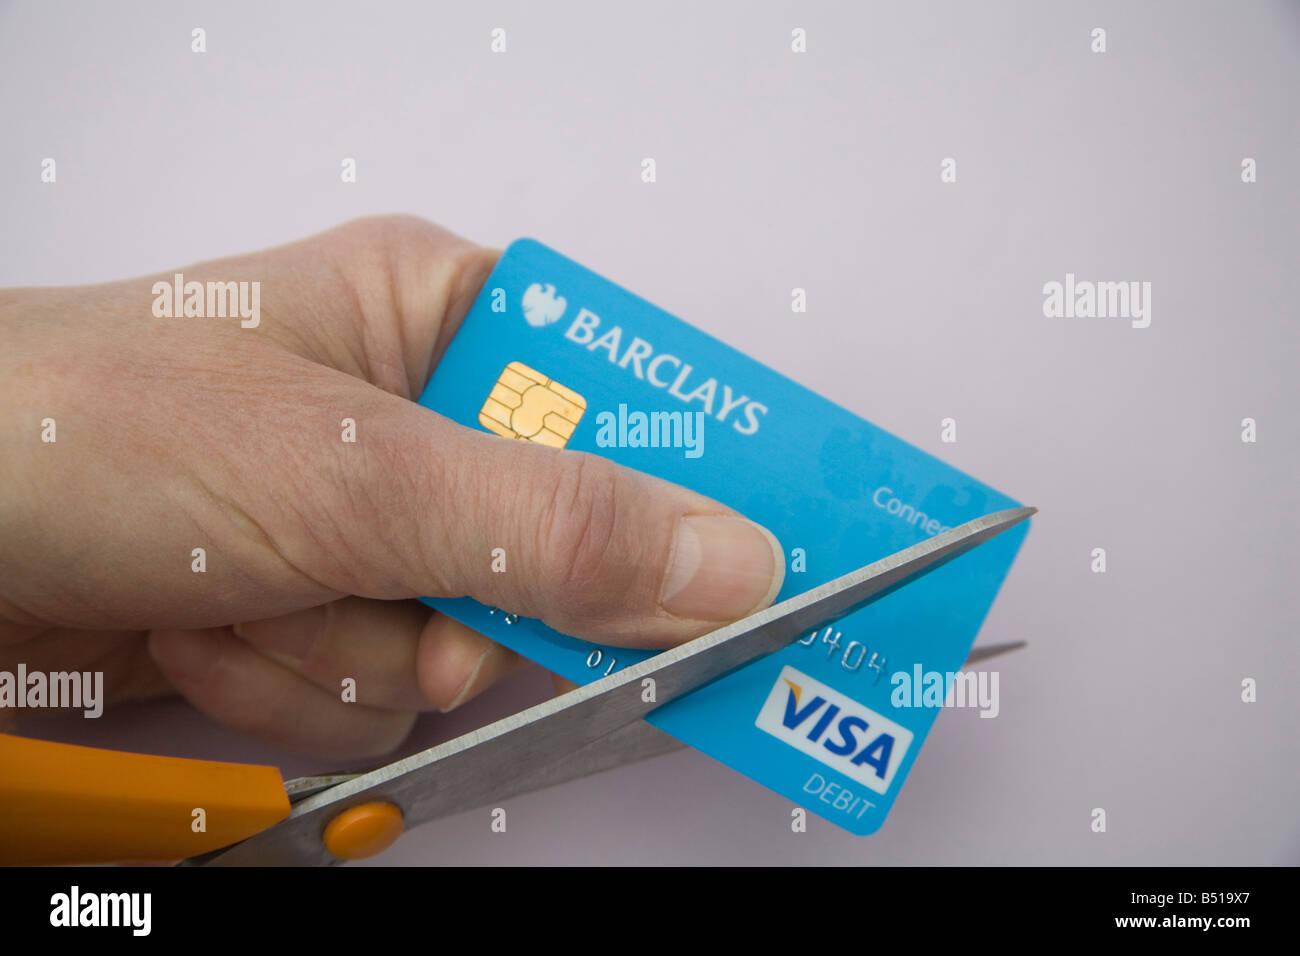 Barclays Bank Visa Debit Card Stock Photos & Barclays Bank Visa ...